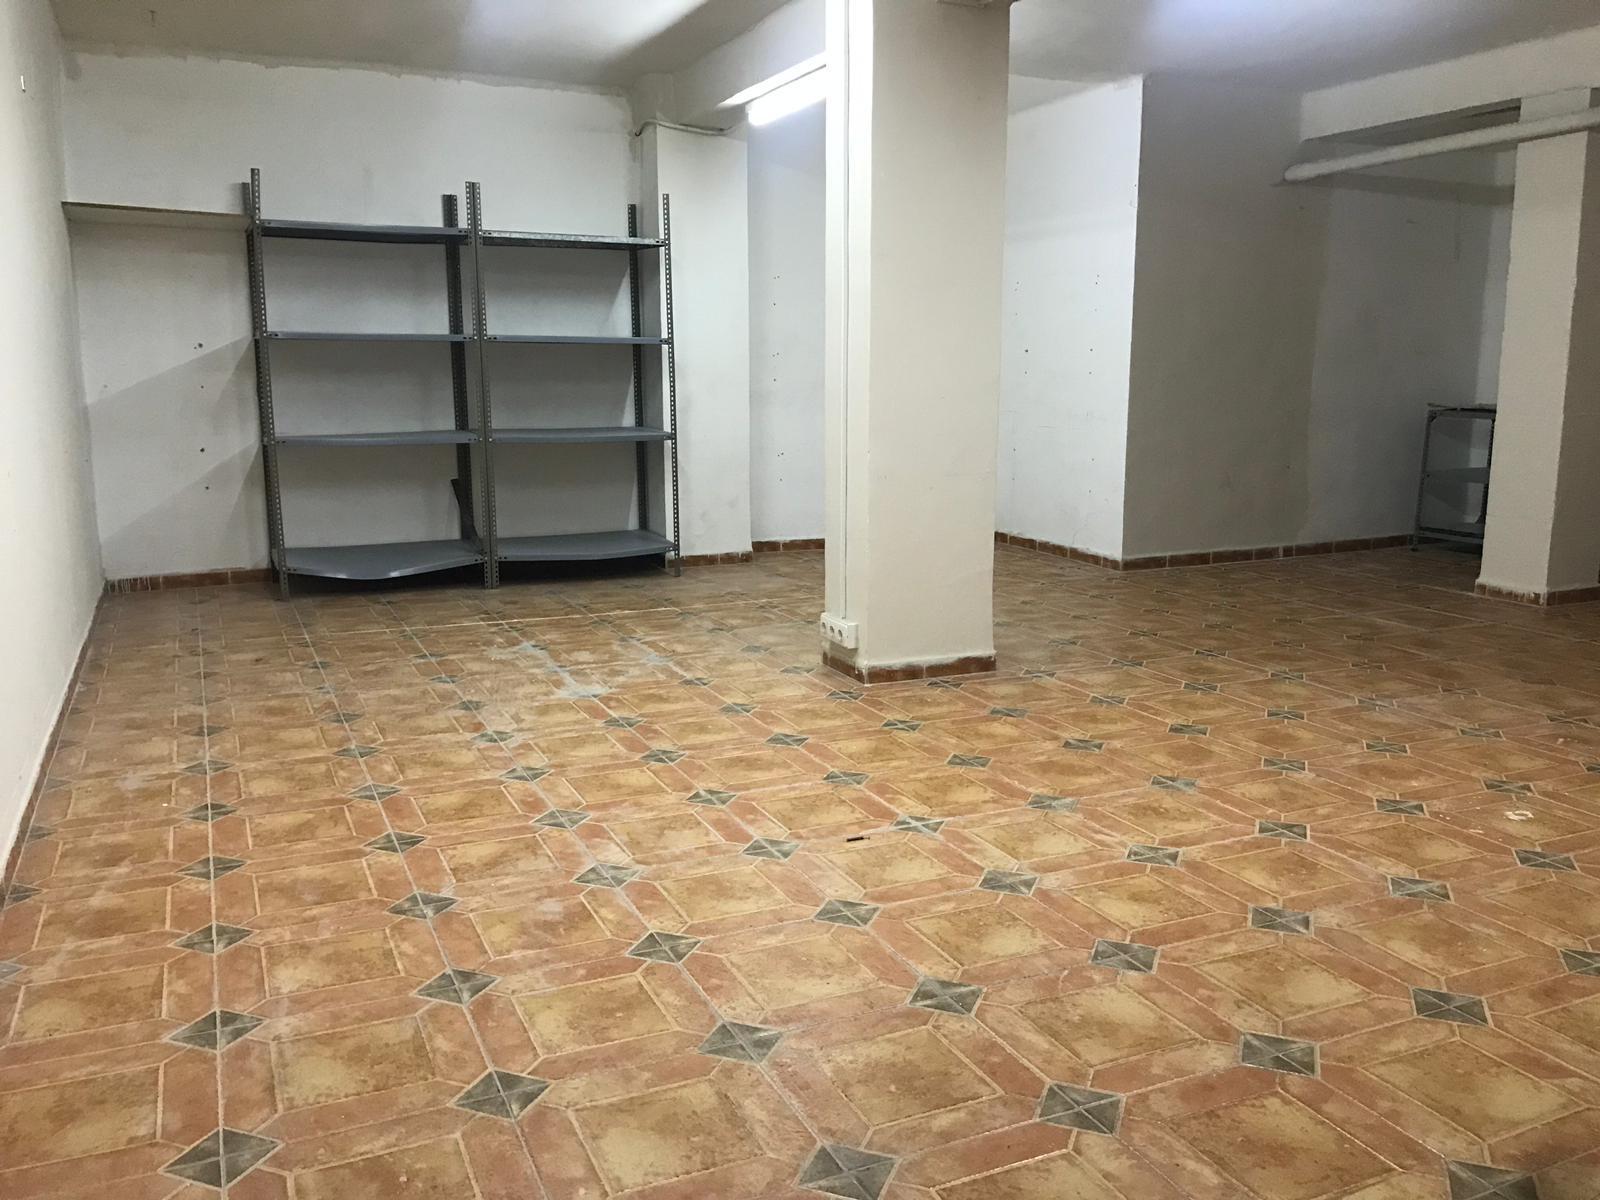 Local en alquiler en Plaza de Toros-Doctores-San Lázaro (Granada), 1.350 €/mes (Temporada)